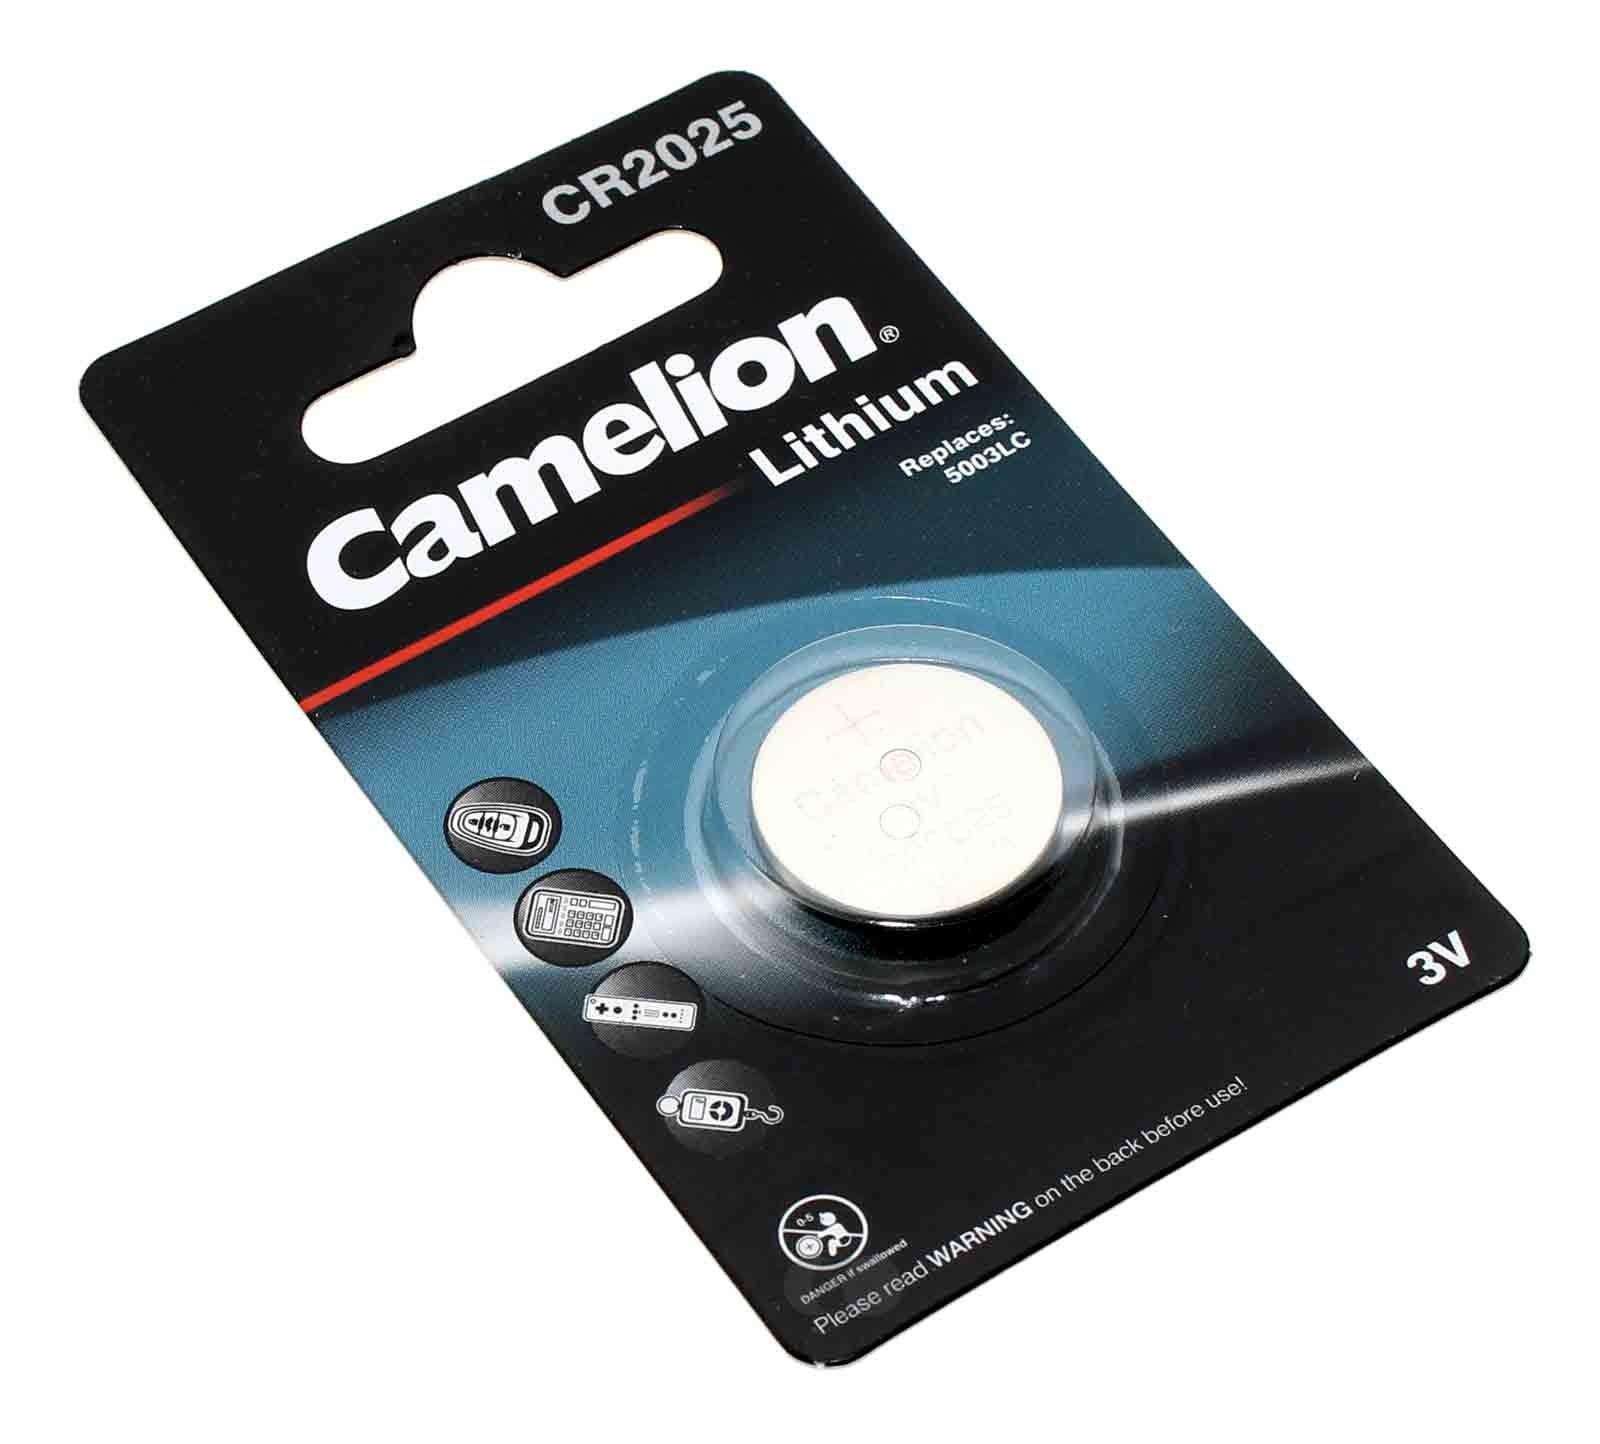 CR2025 Lithium Knopfzelle Batterie für Braun BNC016 Digital VA LCD Wecker mit 3 Volt und 150mAh Kapazität